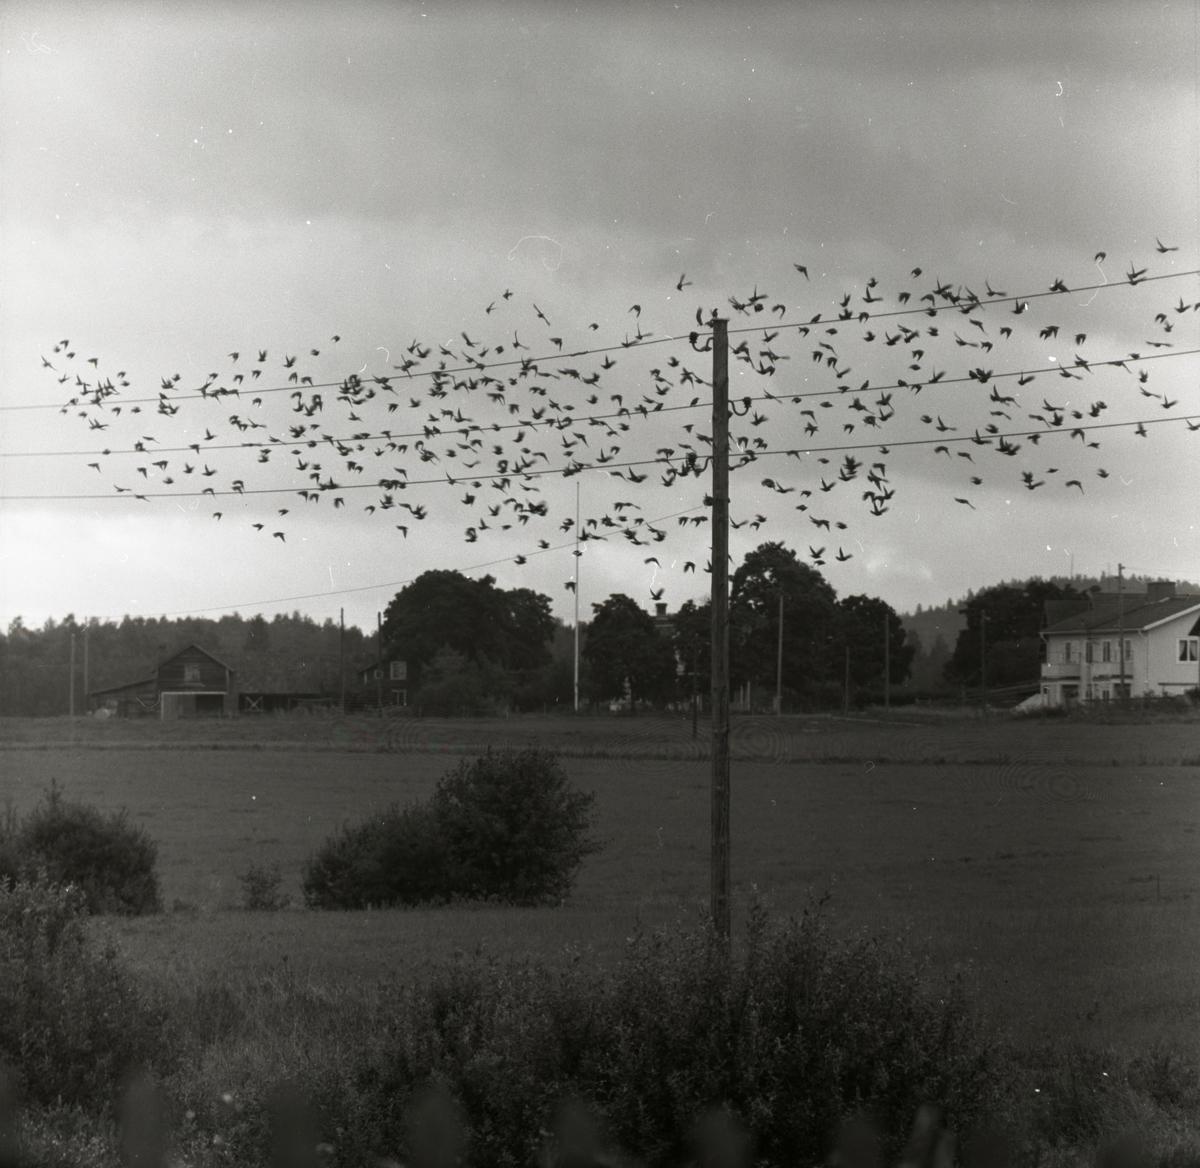 En flock starar flyger upp från en elledning, augusti 1957.